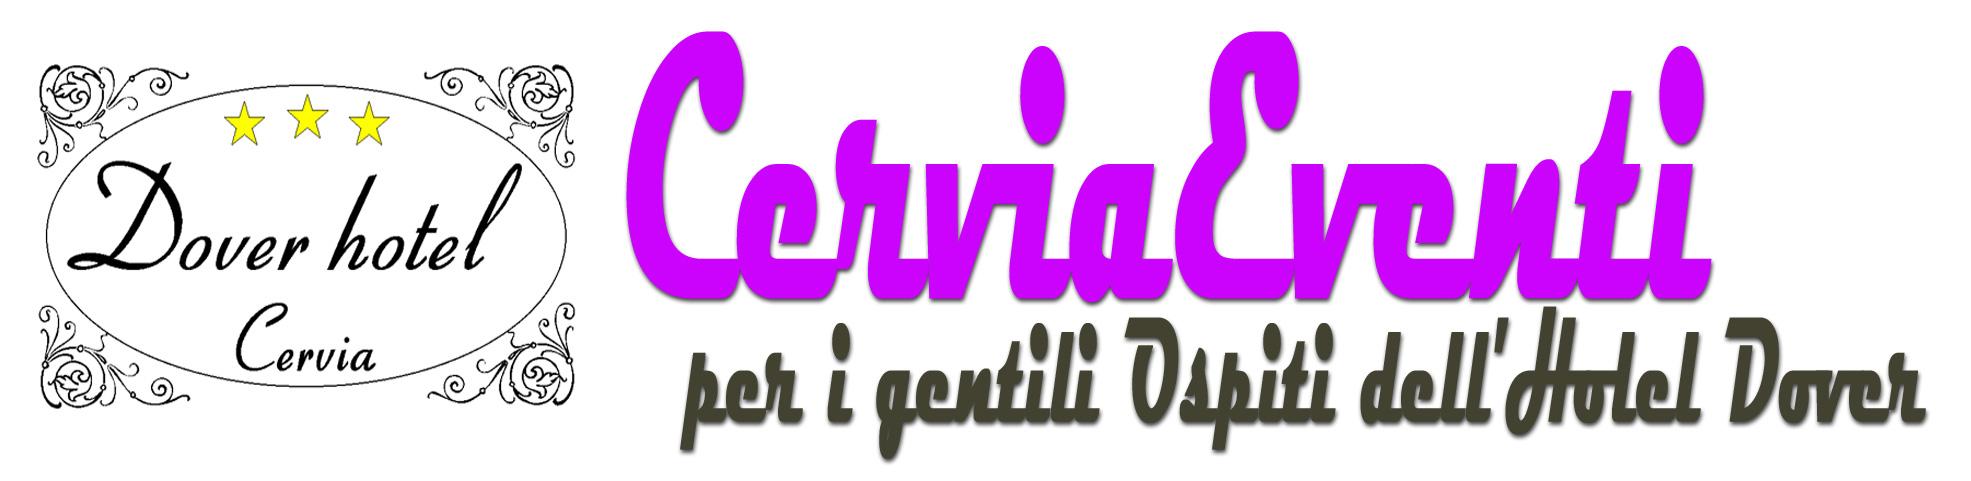 cervia eventi logo